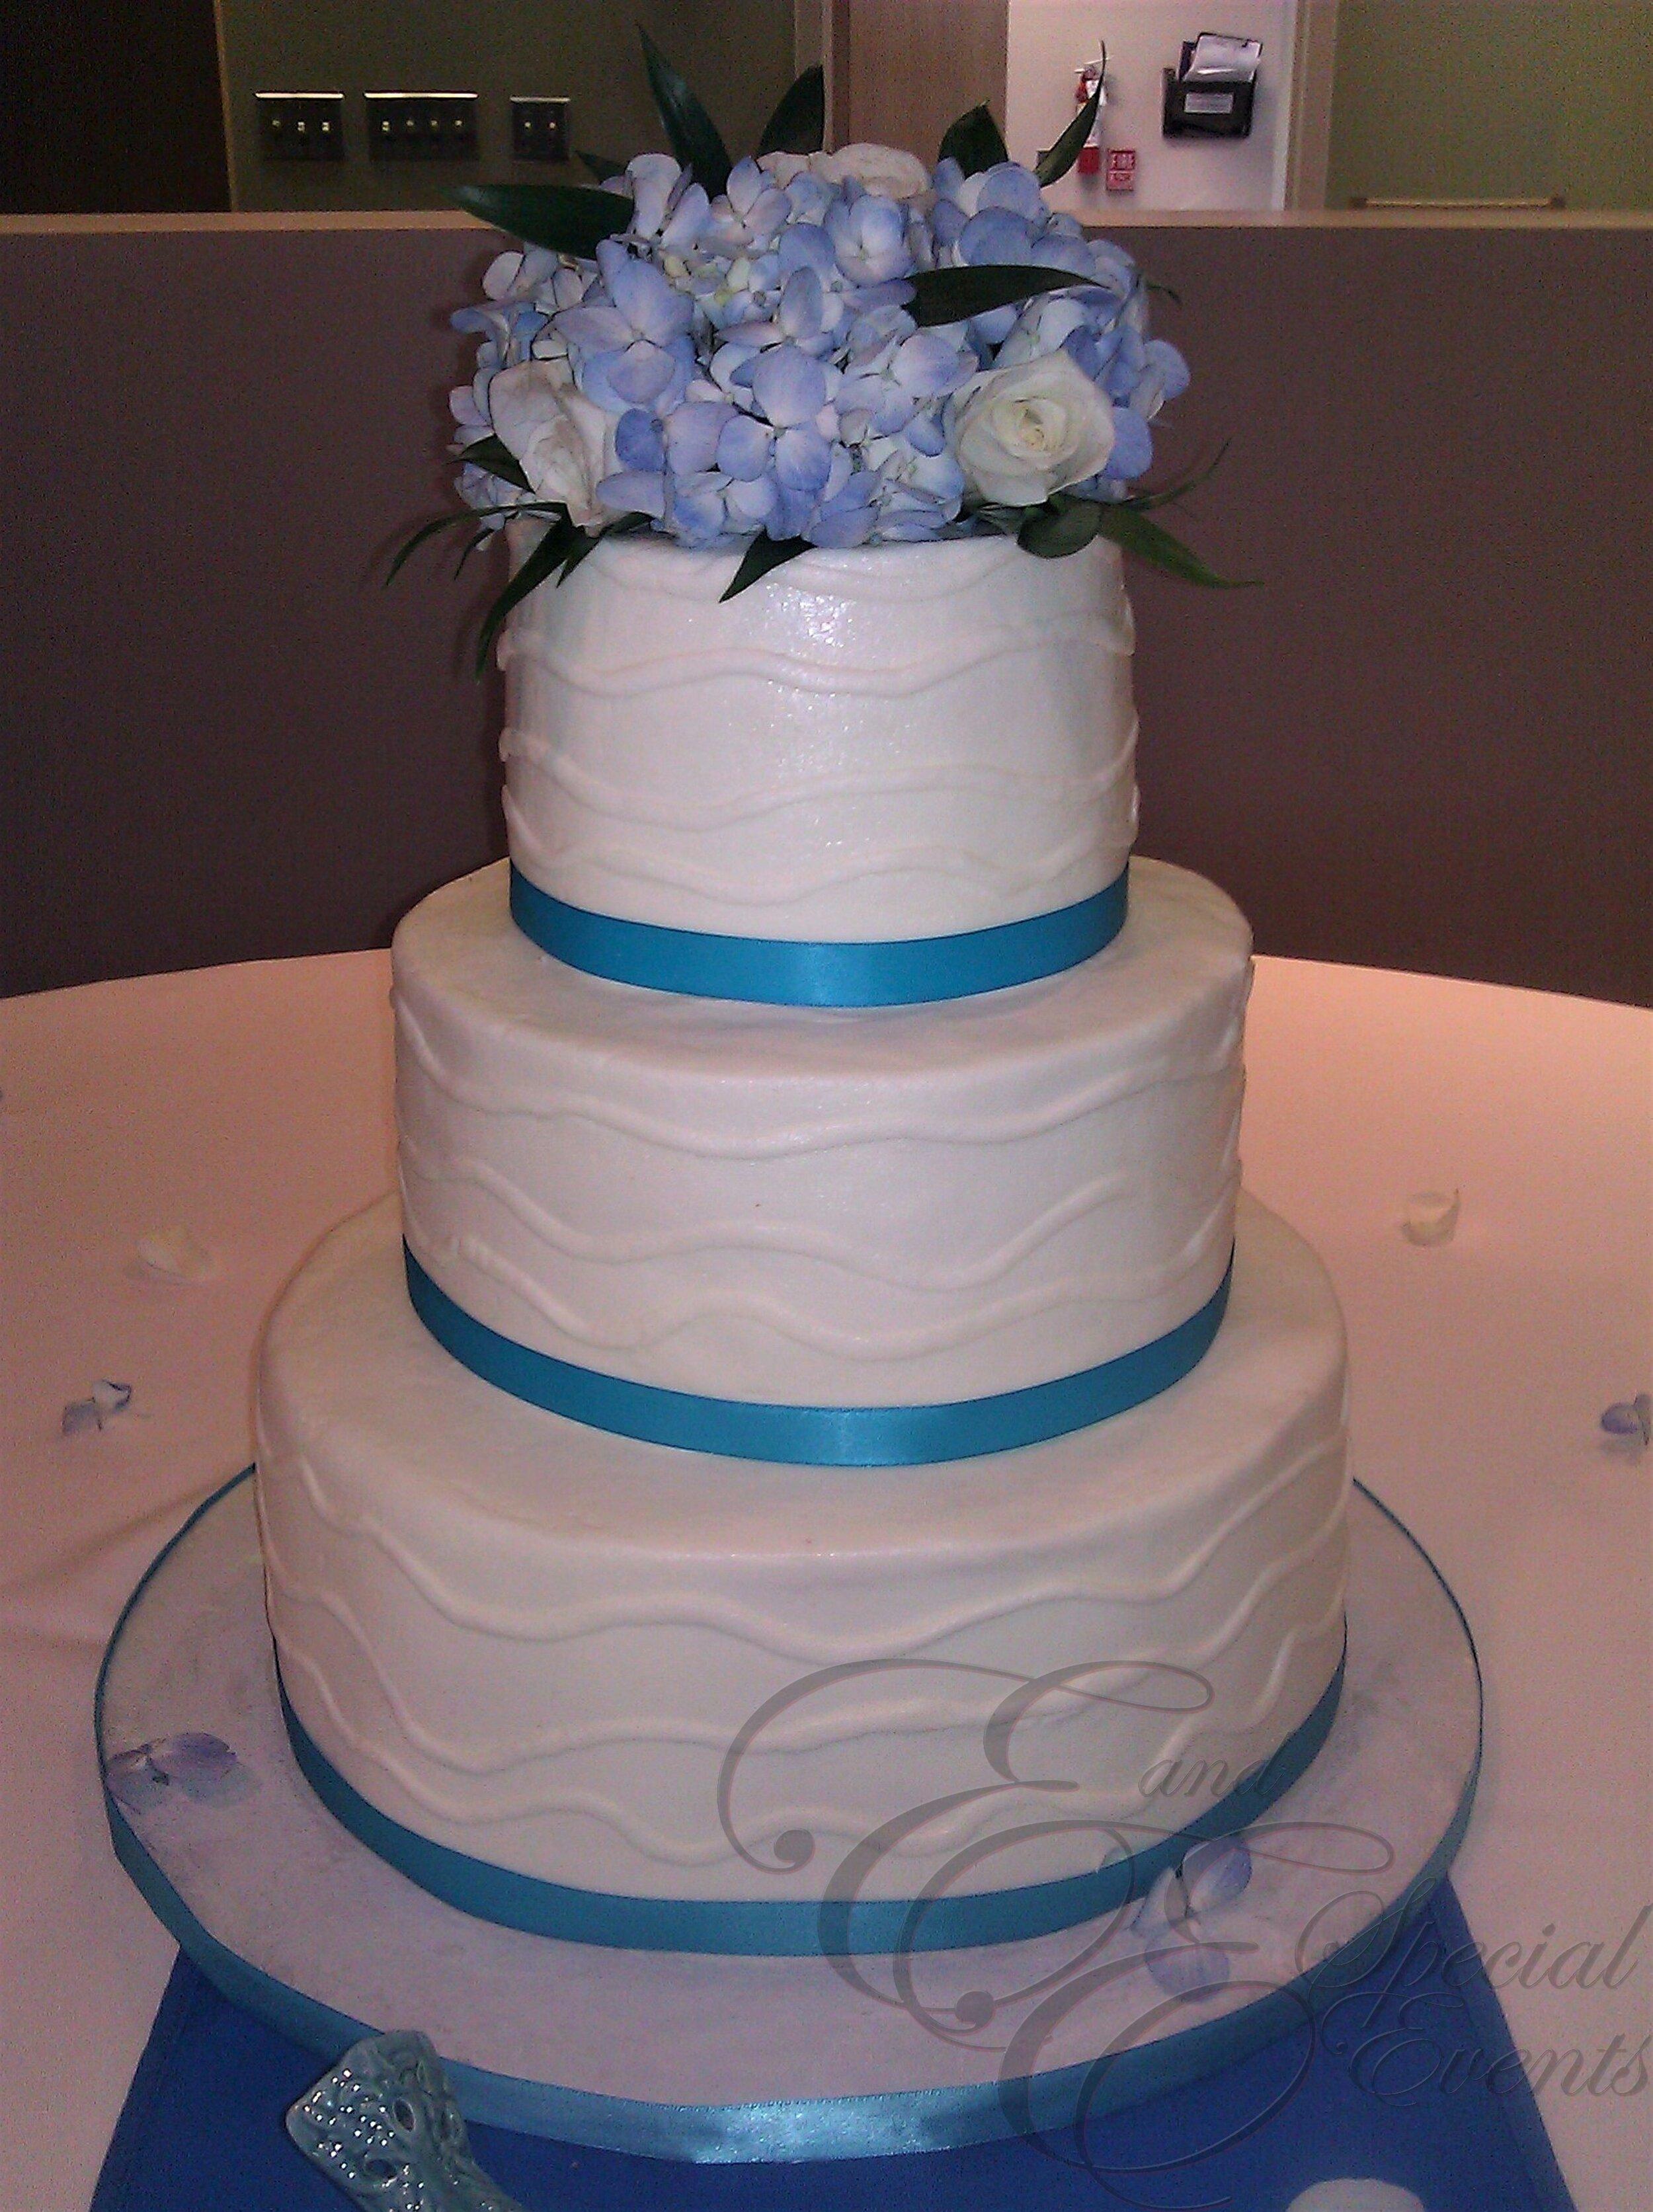 E_E_Special_Events_Wedding_Cakes_Virginia_Beach_Hampton_Roads_Simple_Designs29.jpg